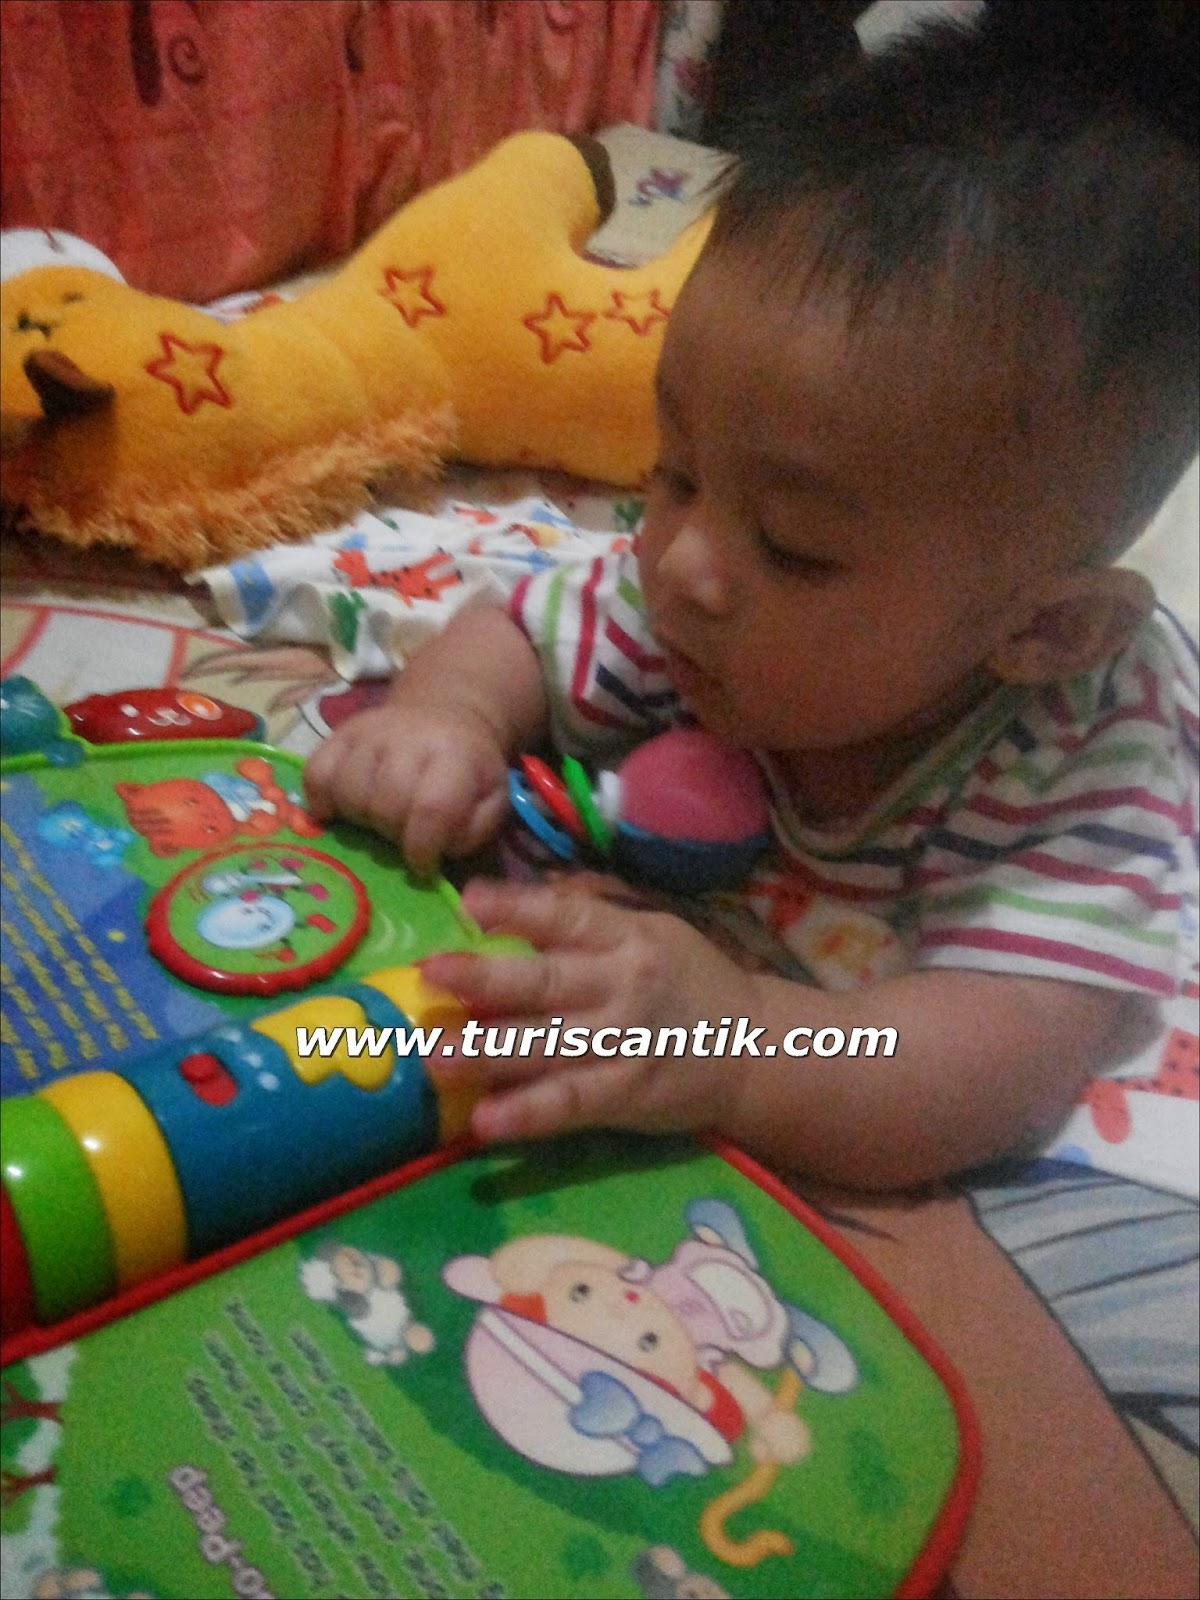 He loves reading book sampai sekarng masih pinjem yang ini